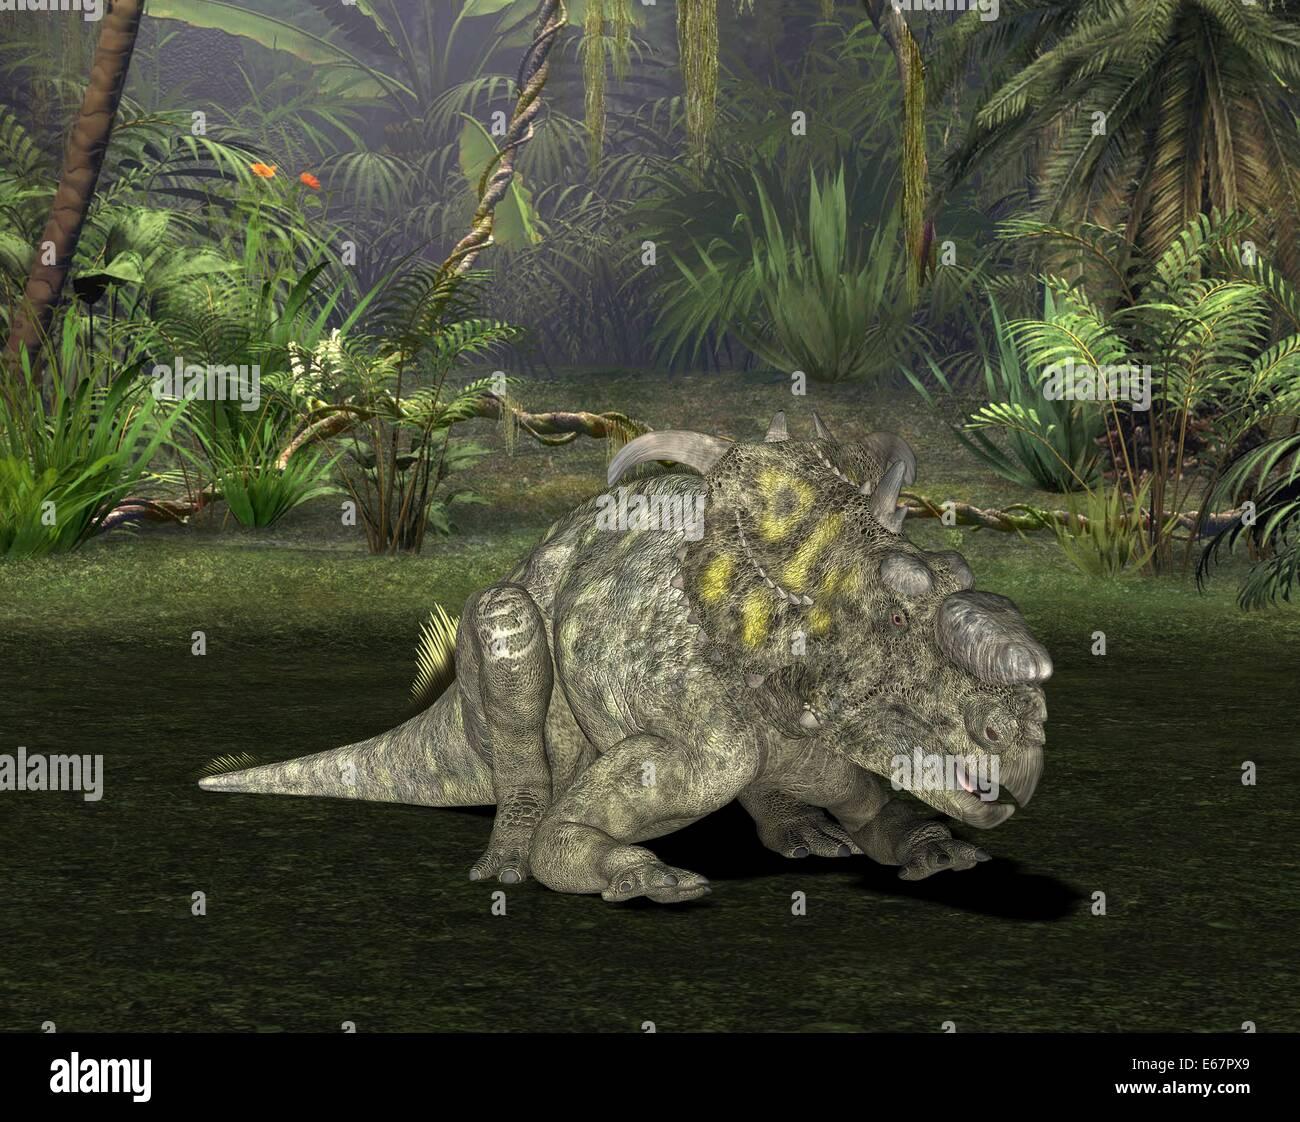 Dinosaure Pachyrhinosaurus Dinosaurier Pachyrhinosaurus / Banque D'Images